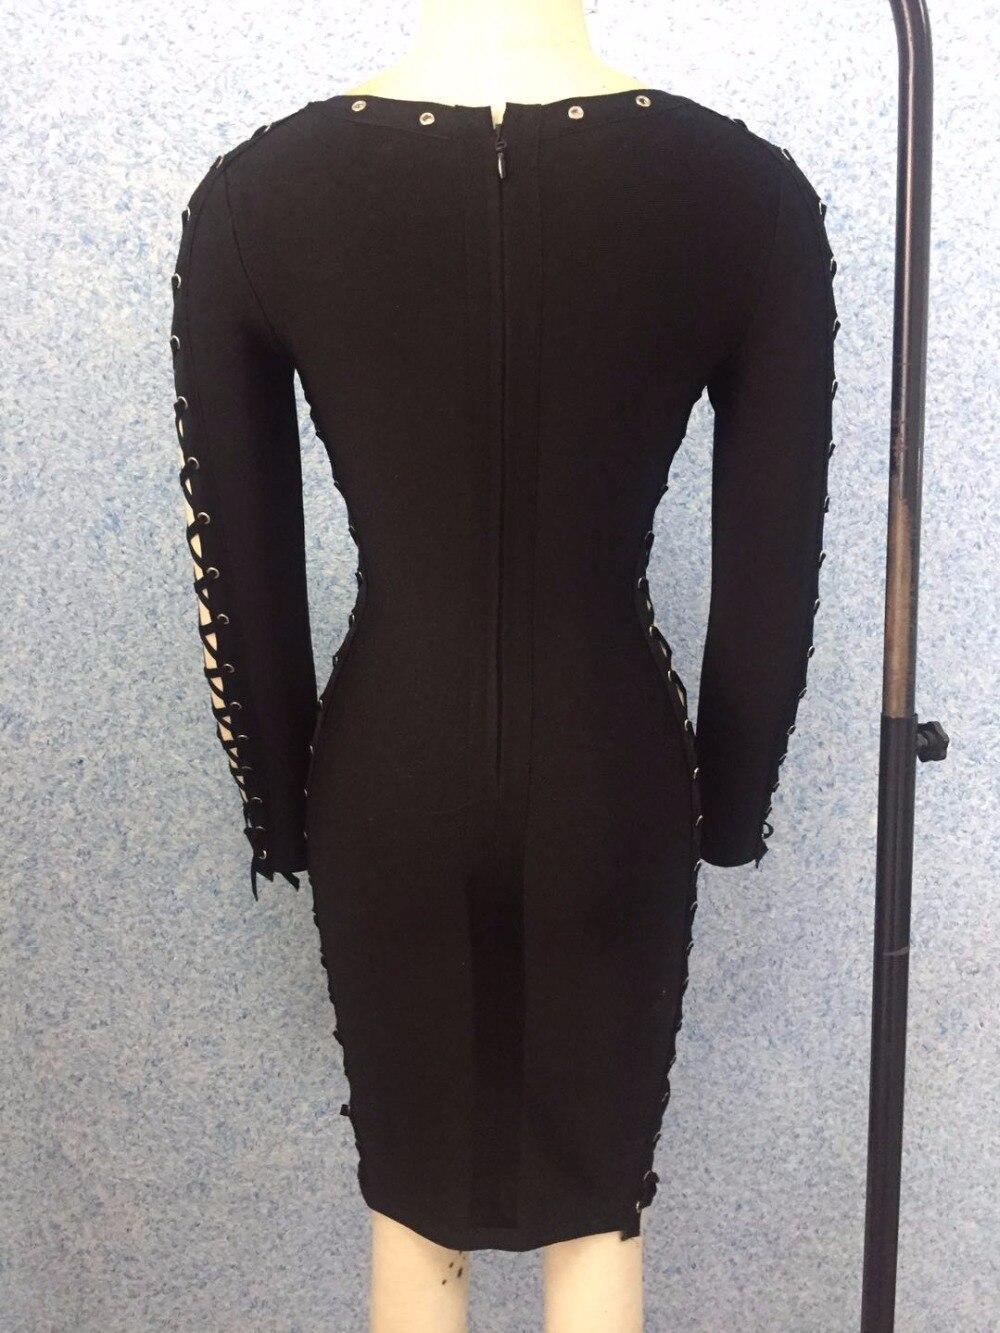 Nouvelle Élégant Bandage Out Creux Sexy Longues Femmes Arrivée Party De Robes À Hiver Manches Noir Soirée Robe Club 0vxqfB4f